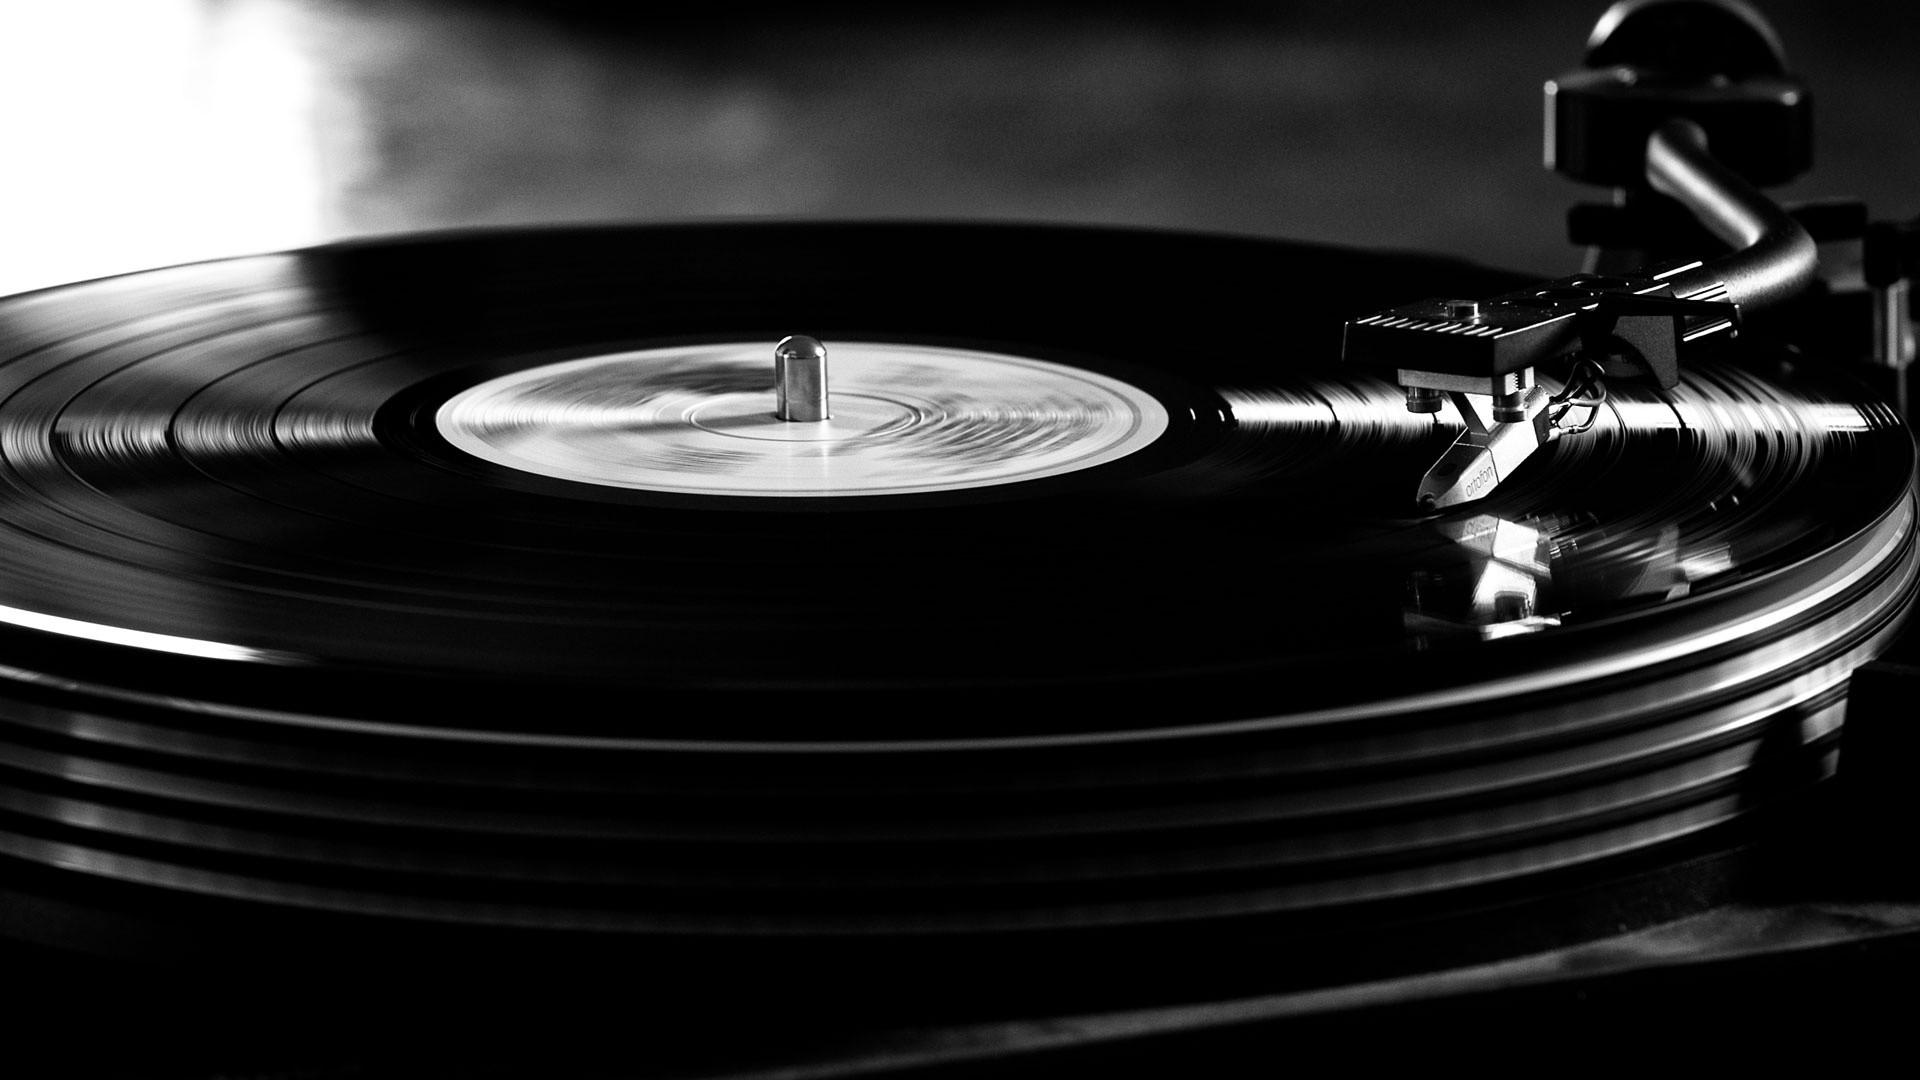 Música de graduación: Pompa y circunstancia